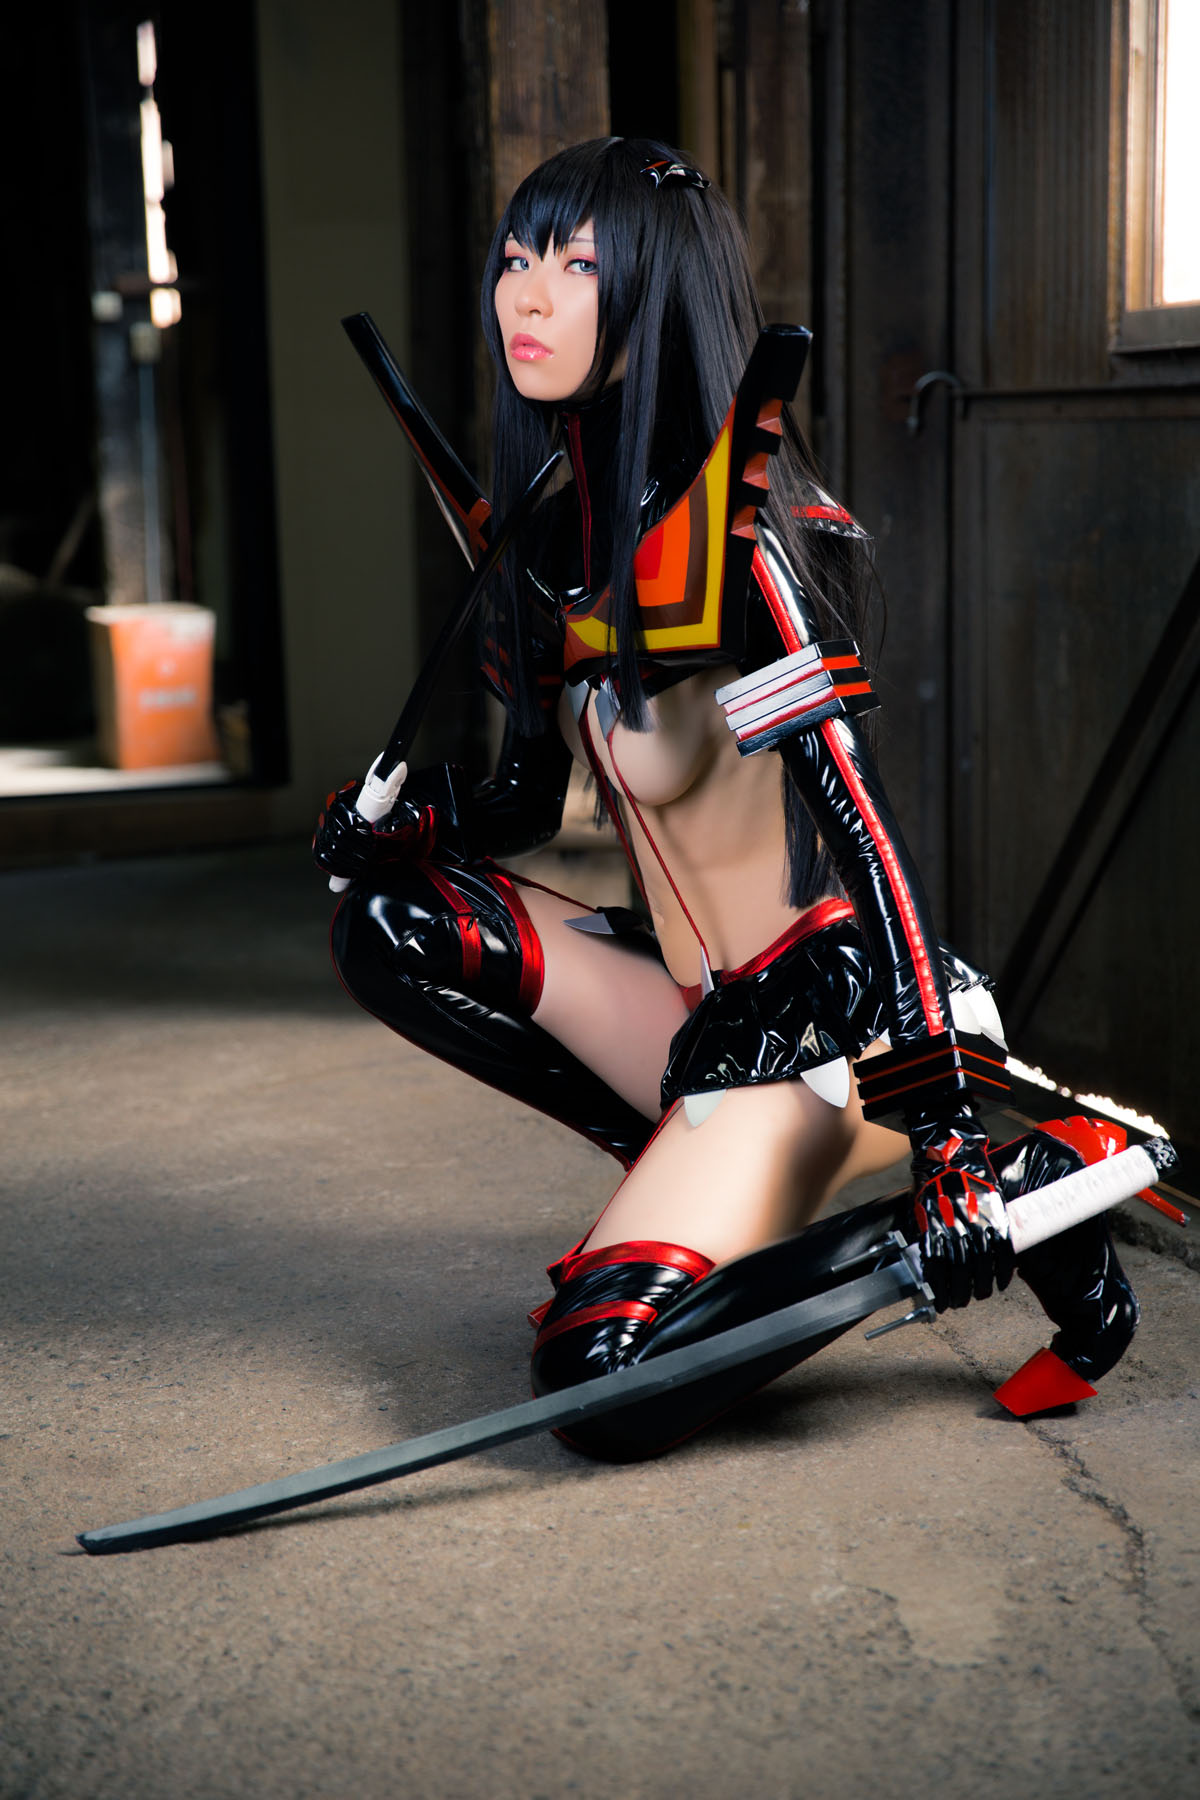 Kill la Kill Satsuki Kiryuuin anime cosplay by Mikehouse 0002